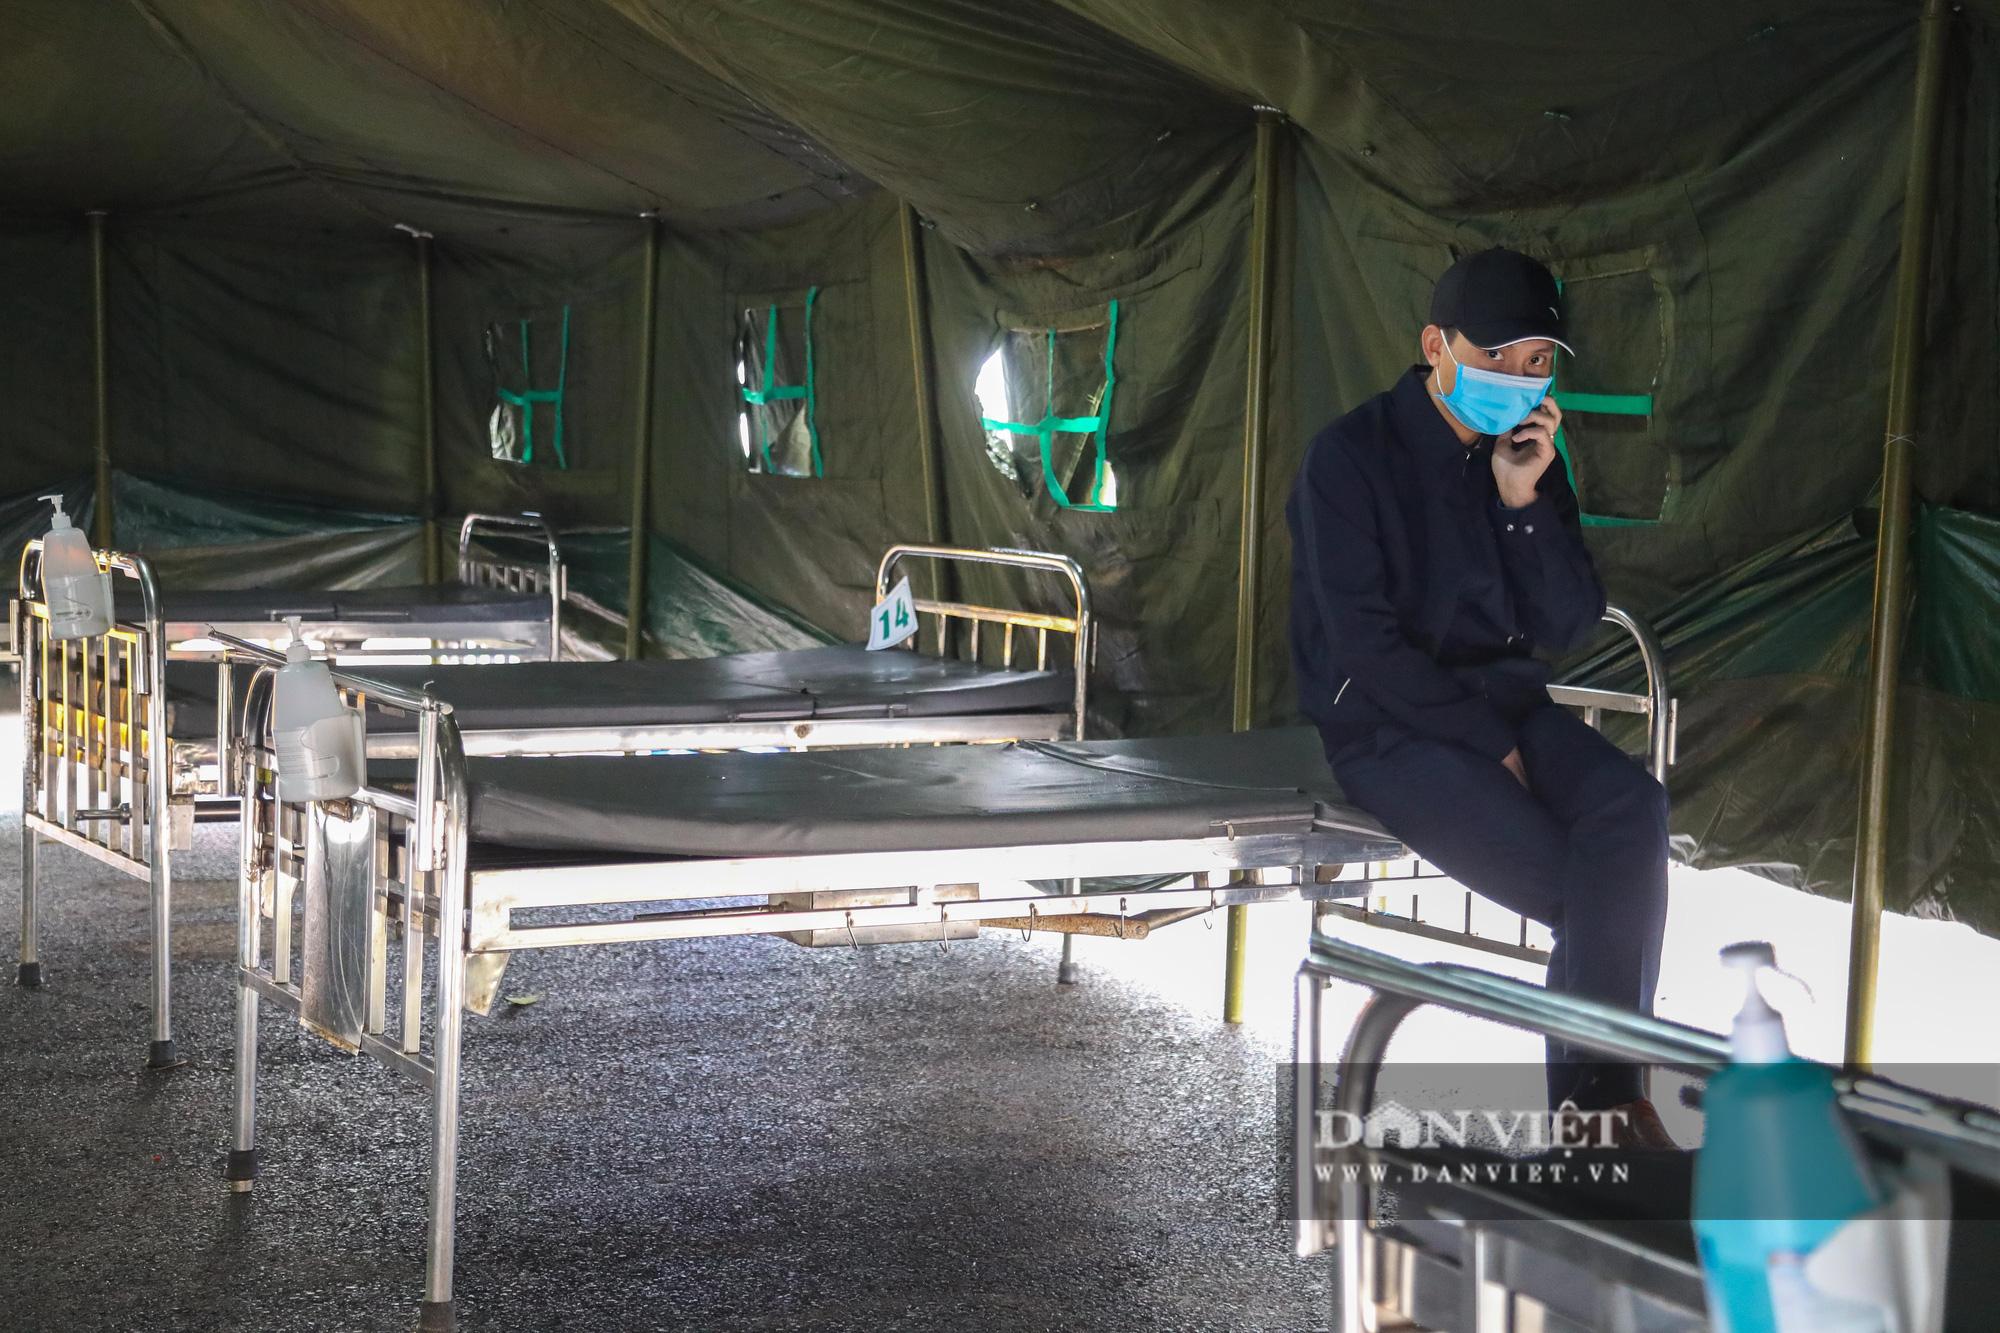 Cận cảnh bệnh viện dã chiến xây trong 4 tiếng ở Hà Nội  - Ảnh 10.